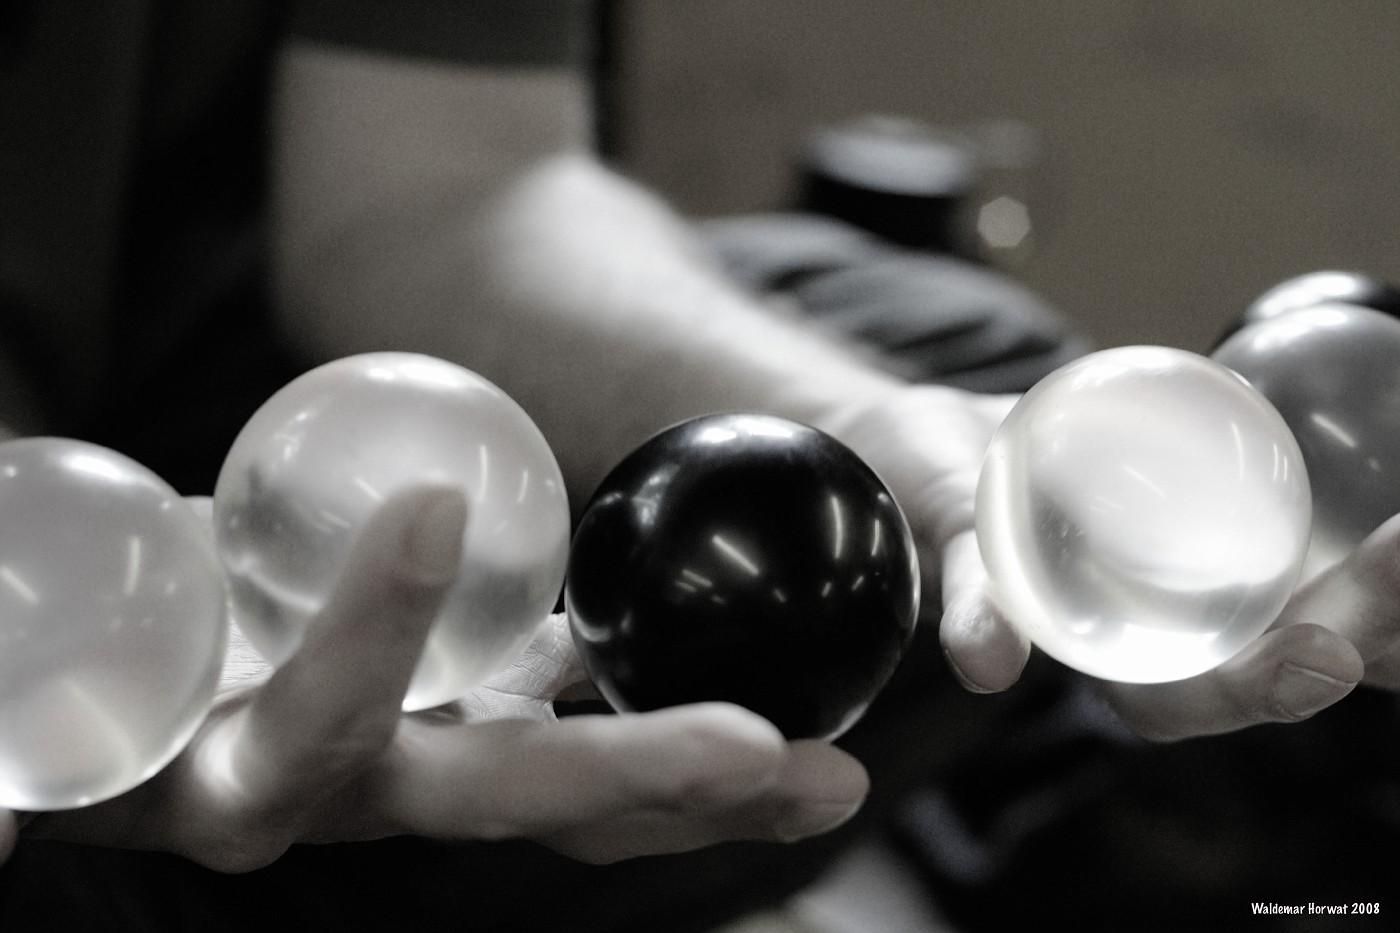 Contact Balls